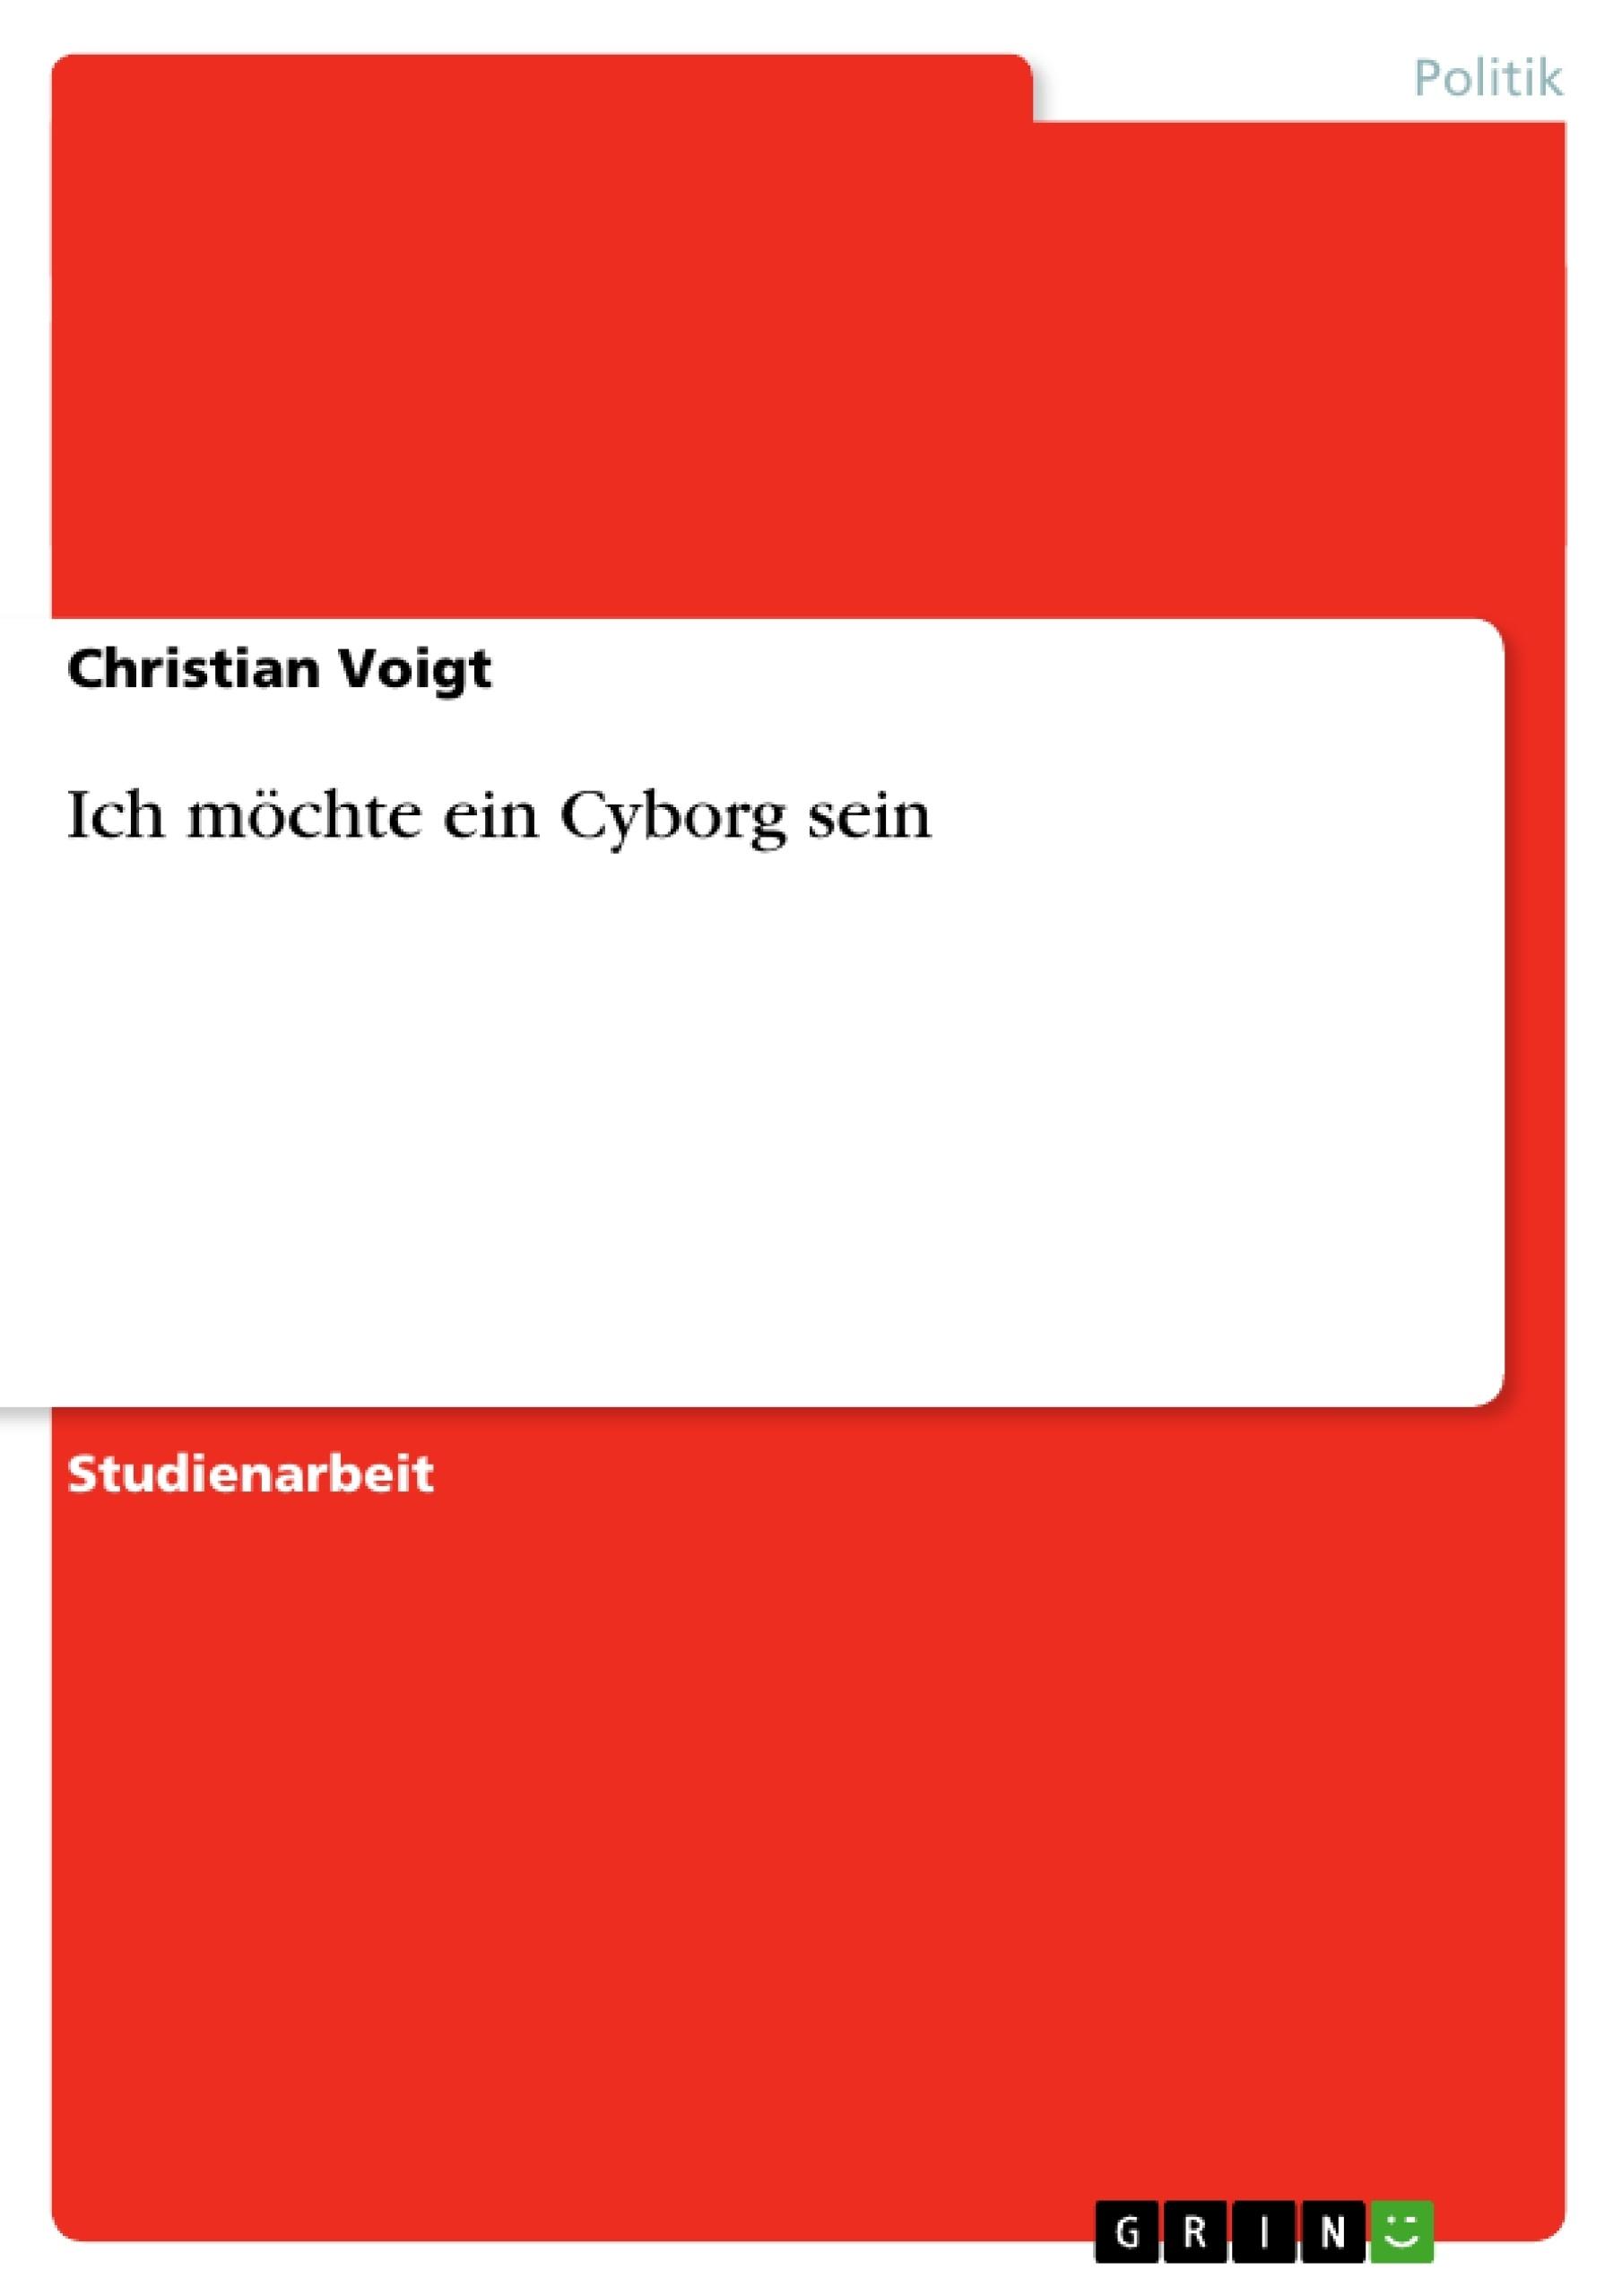 Titel: Ich möchte ein Cyborg sein